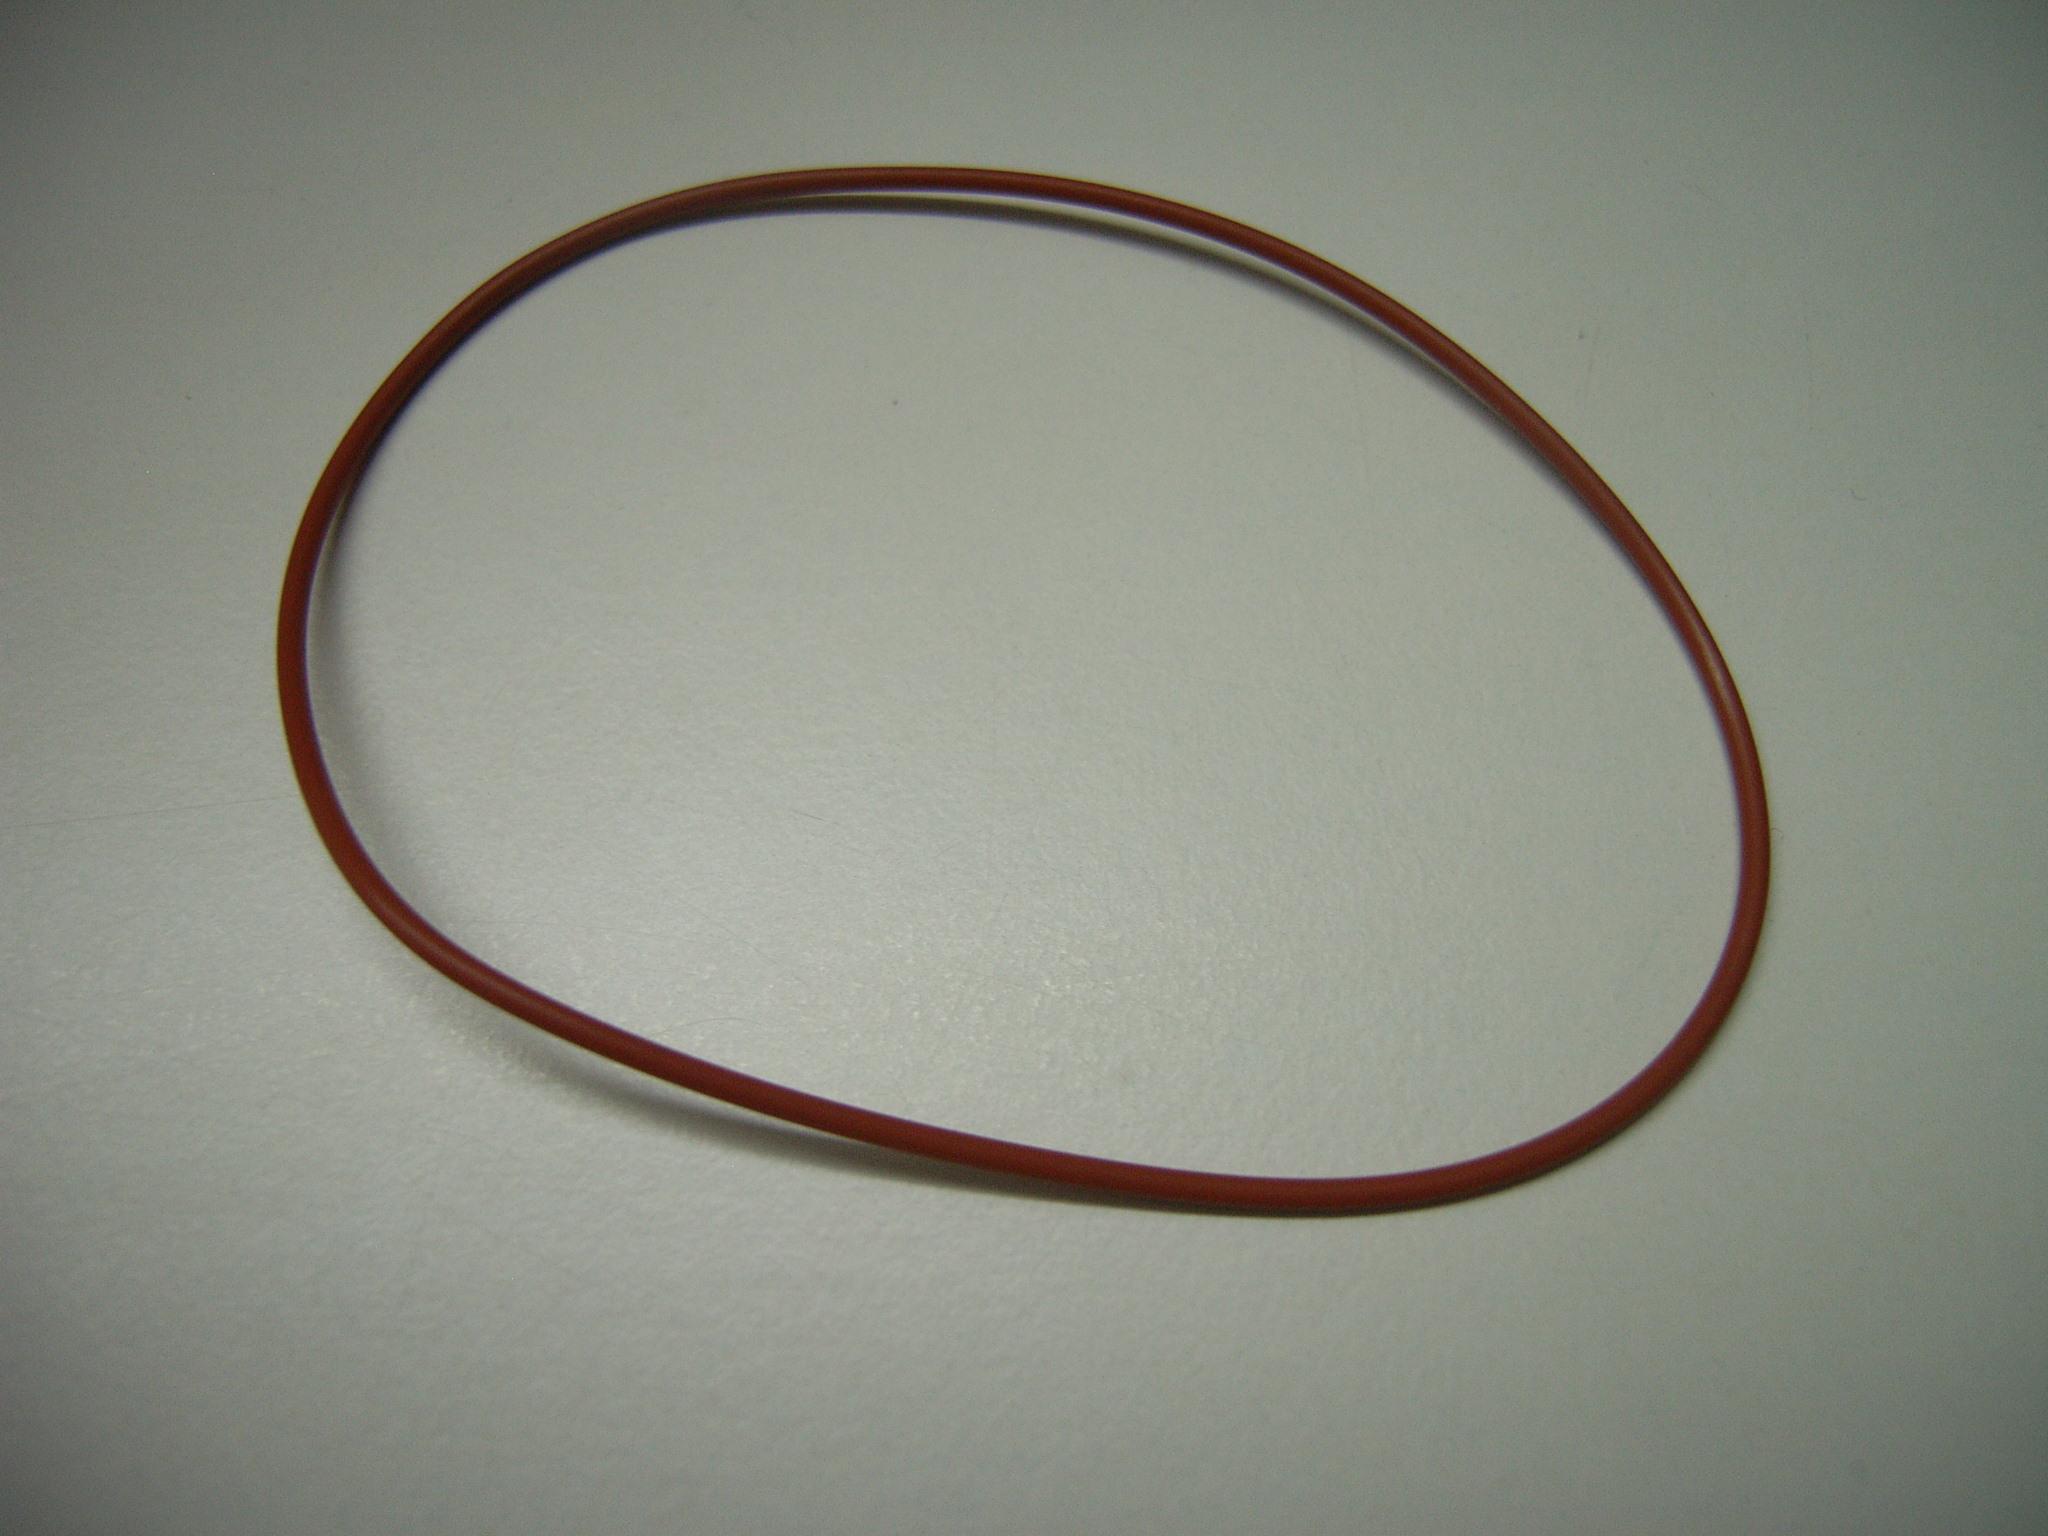 Ersatz O-Ring für SiTech Antares rot